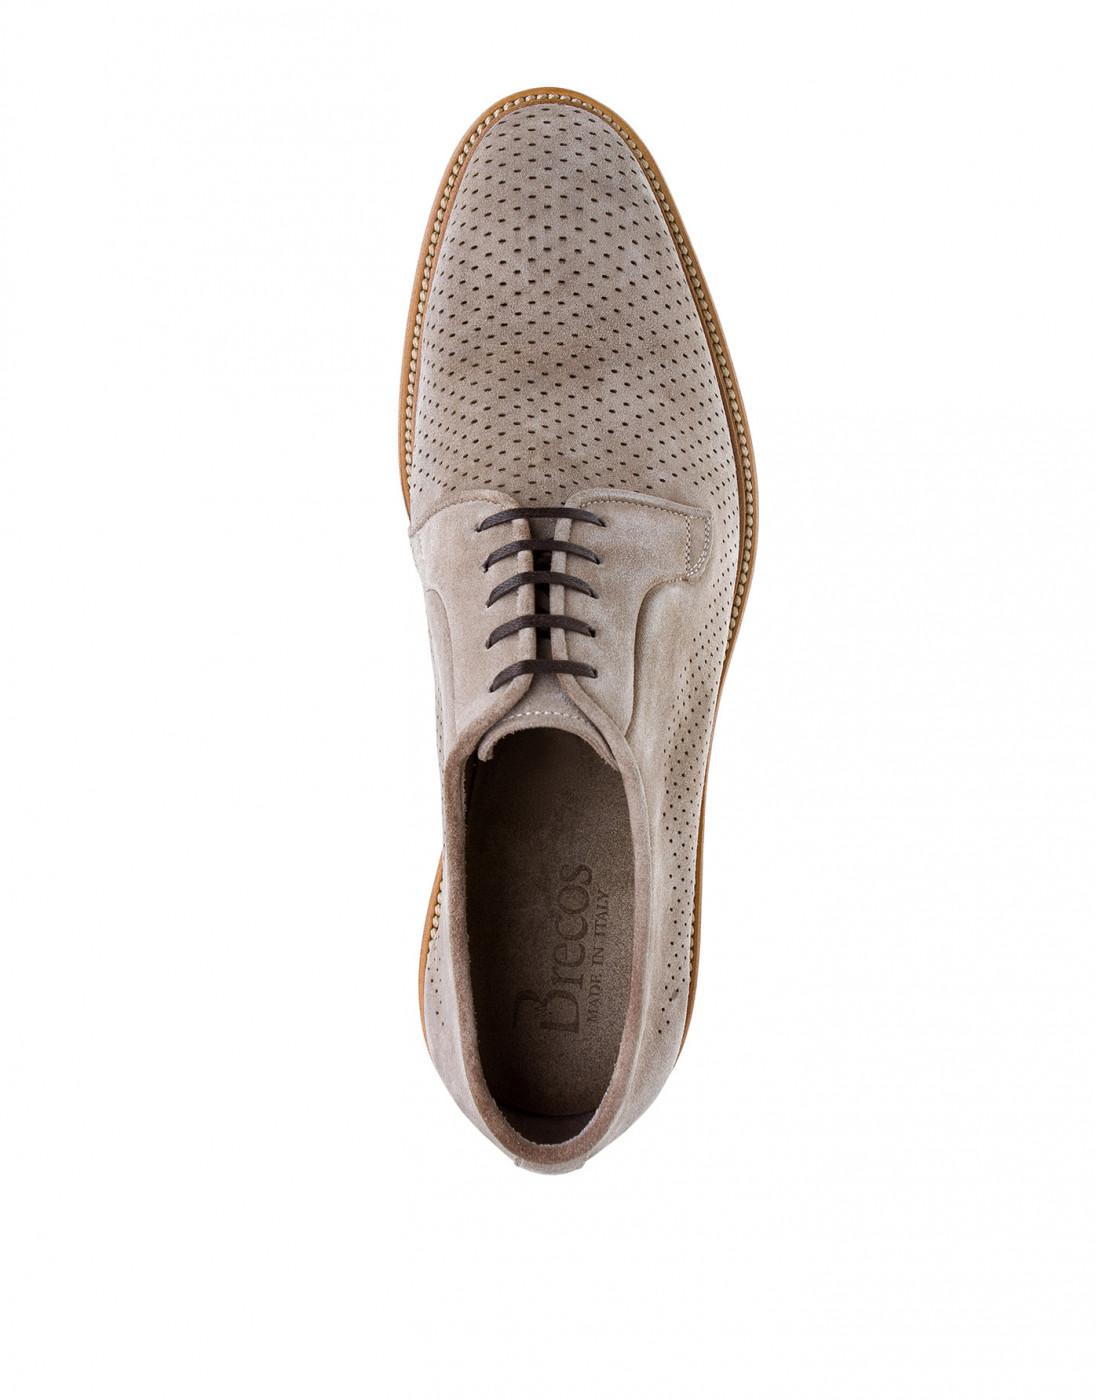 Туфли коричневые мужские Brecos S7521-5